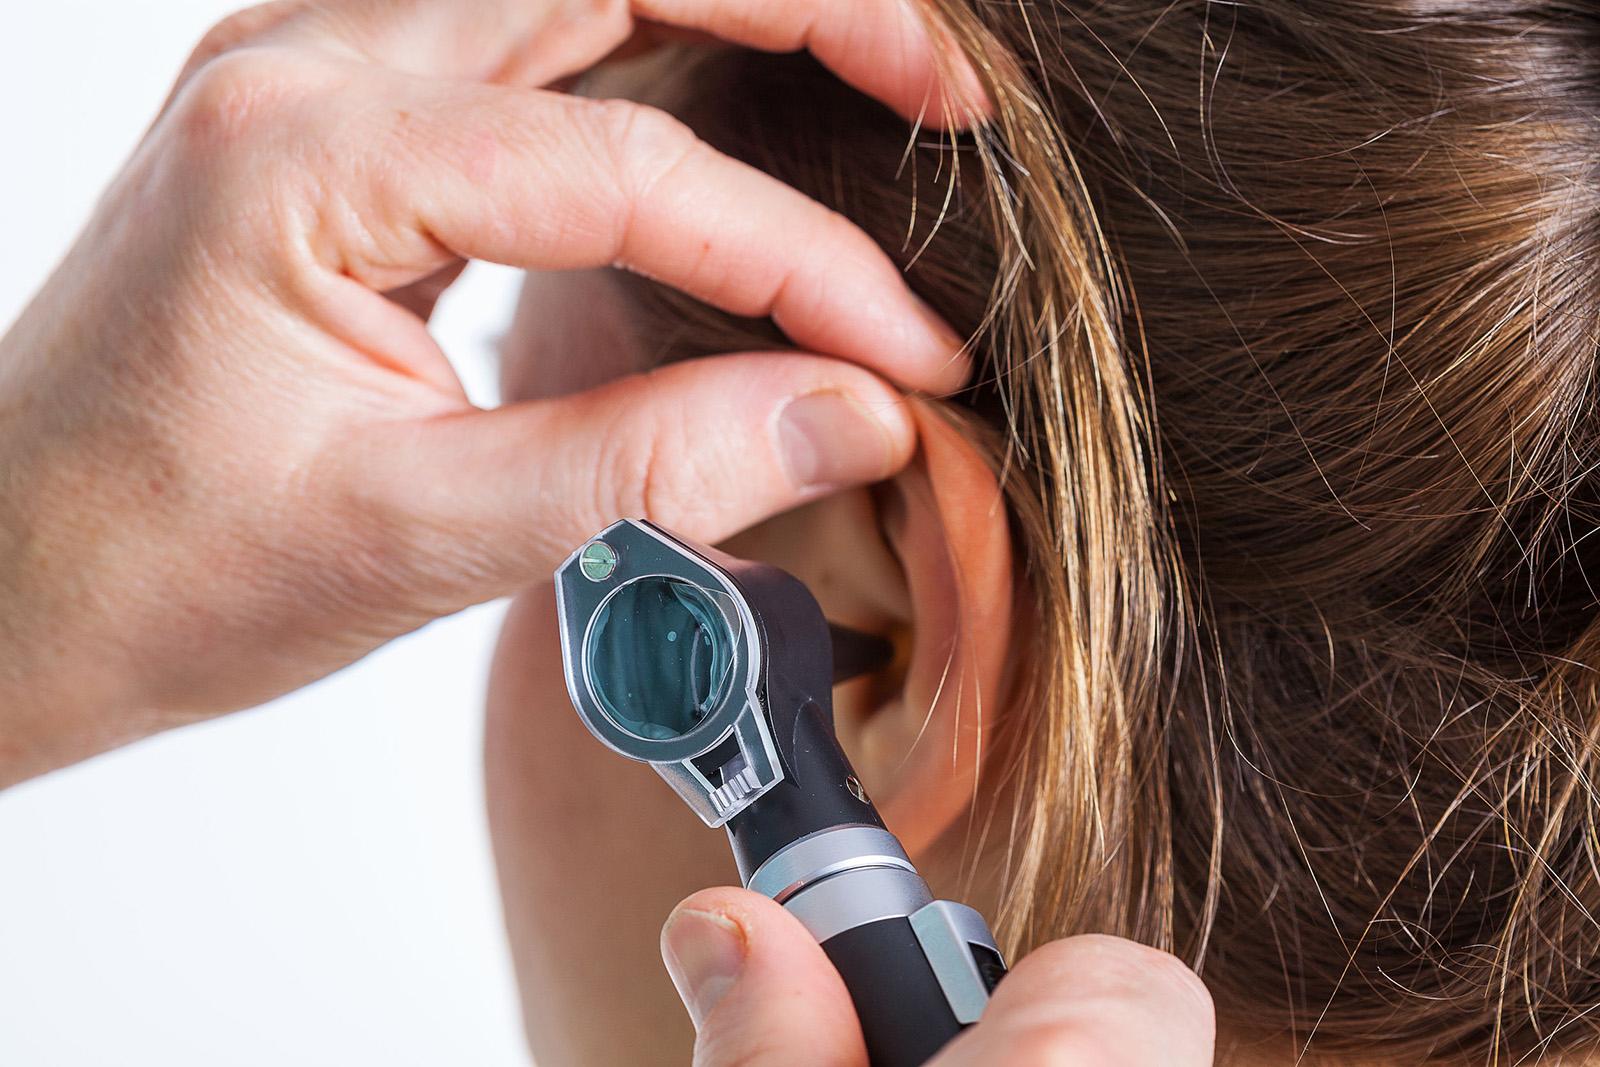 hogyan lehet megszabadulni a fül mögötti pikkelysömörtől